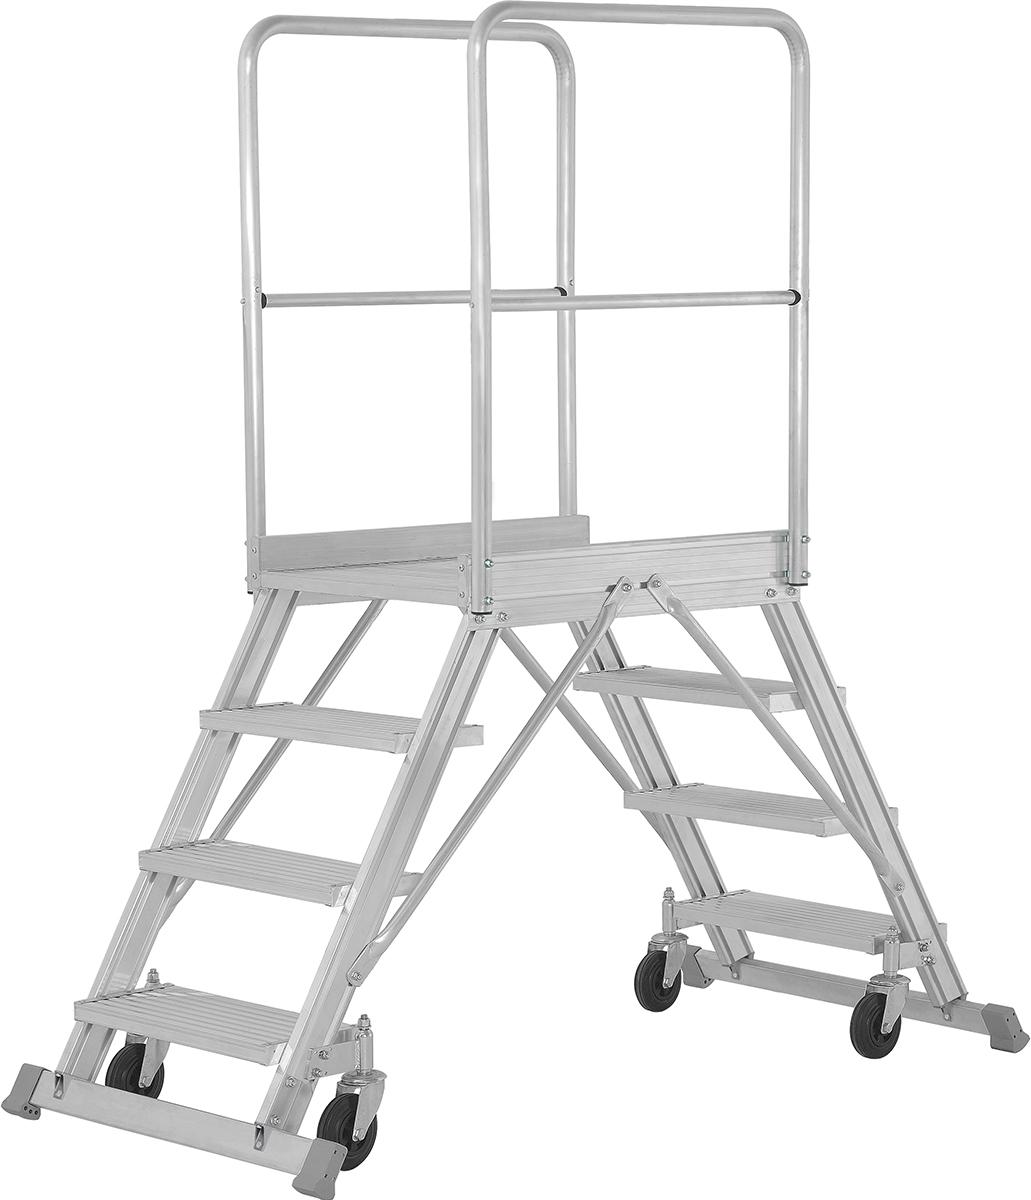 Hymer Podesttreppe fahrbar 2x4 Stufen